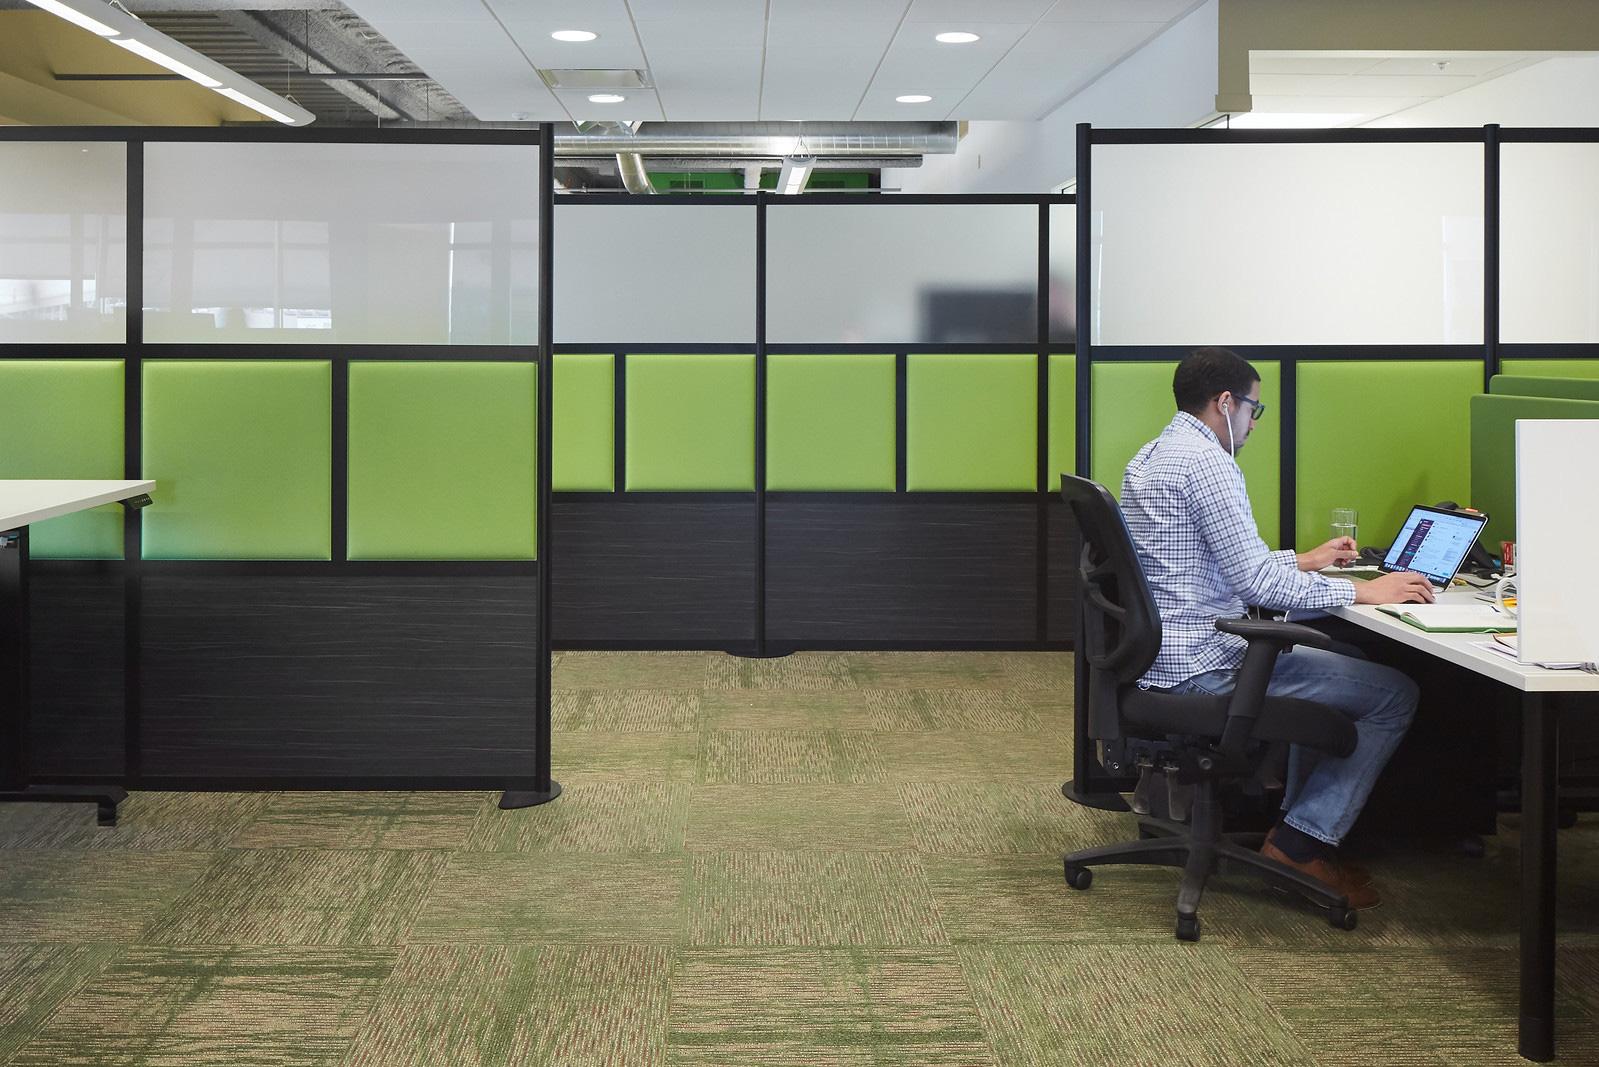 furniture-cubicles-in-bradenton-florida-3-.jpg